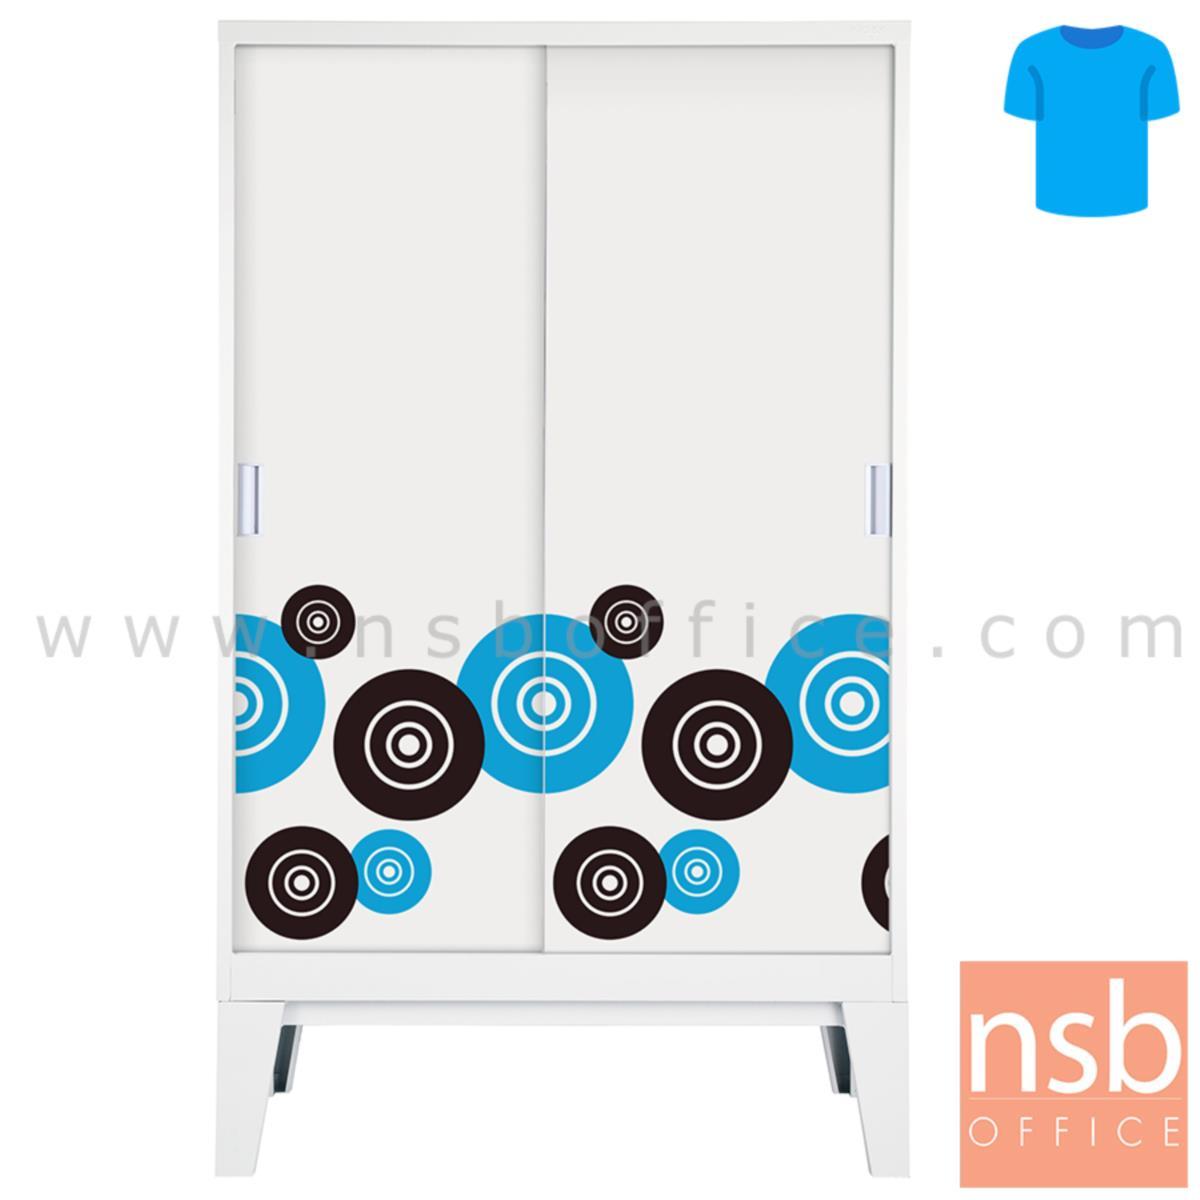 E25A043:ตู้เสื้อผ้าเหล็ก 2 บานเลื่อนทึบสูง 200 ซม. ขาลอย ( 10 สี) รุ่น WDC-05